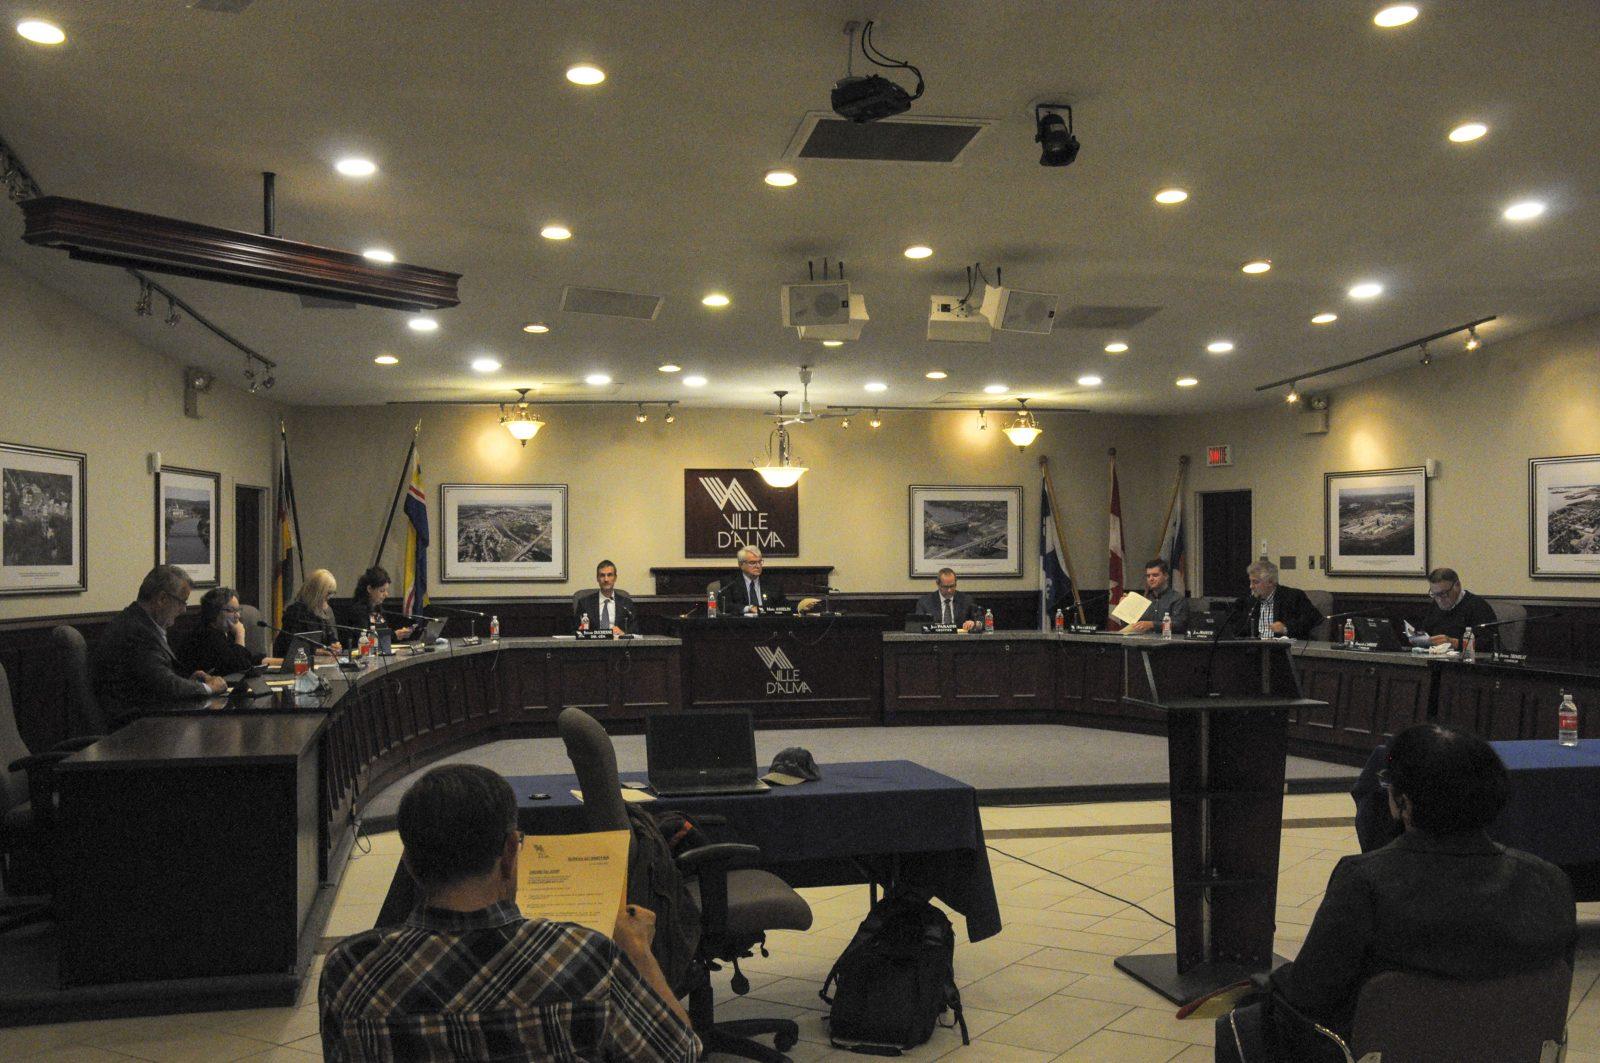 Conseil municipal : Les élus dressent un dernier bilan